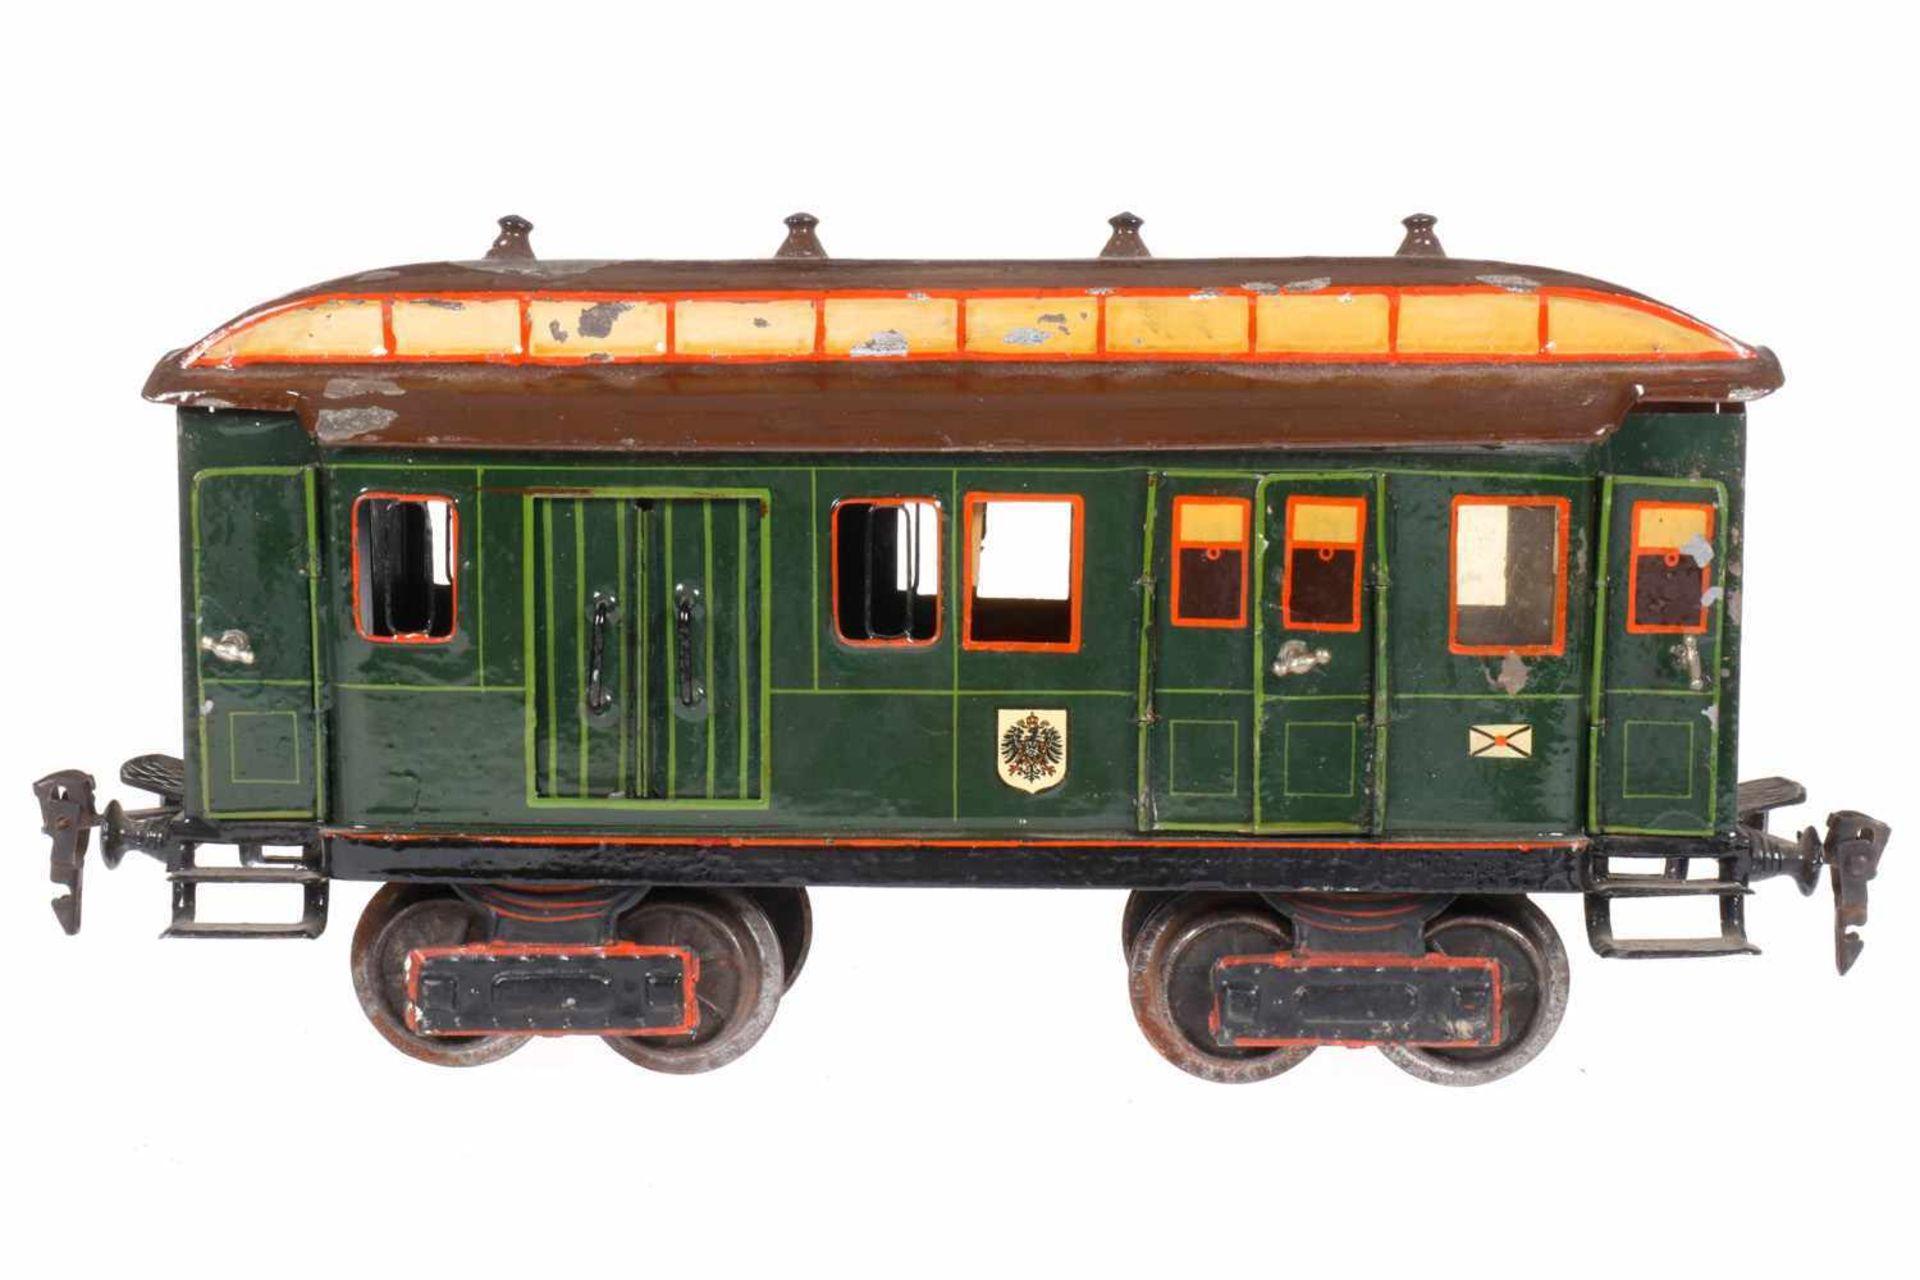 Märklin Post-/Gepäckwagen 1844, S 1, uralt, HL, mit Inneneinrichtung, 4 ST, 2 DT und 4 AT, 1